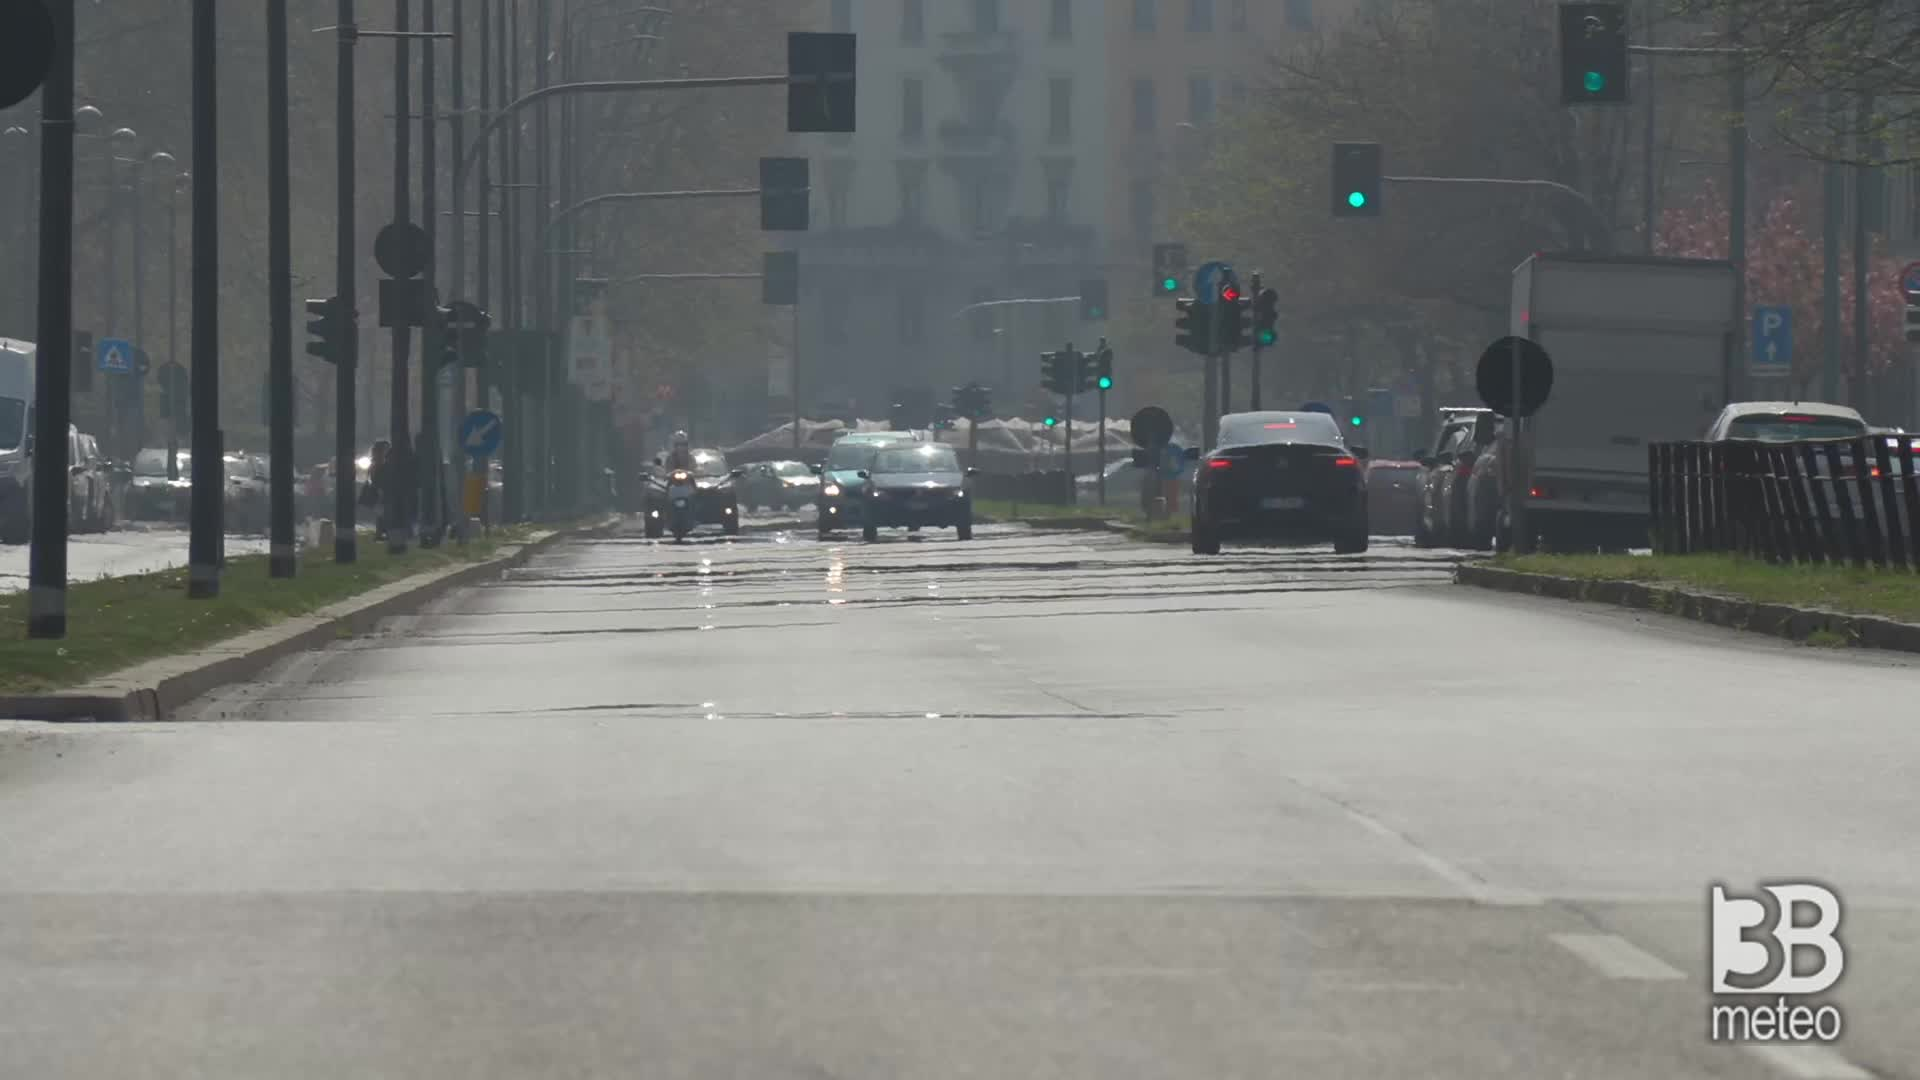 Milano, anticipo d'estate: temperature sopra media stagione